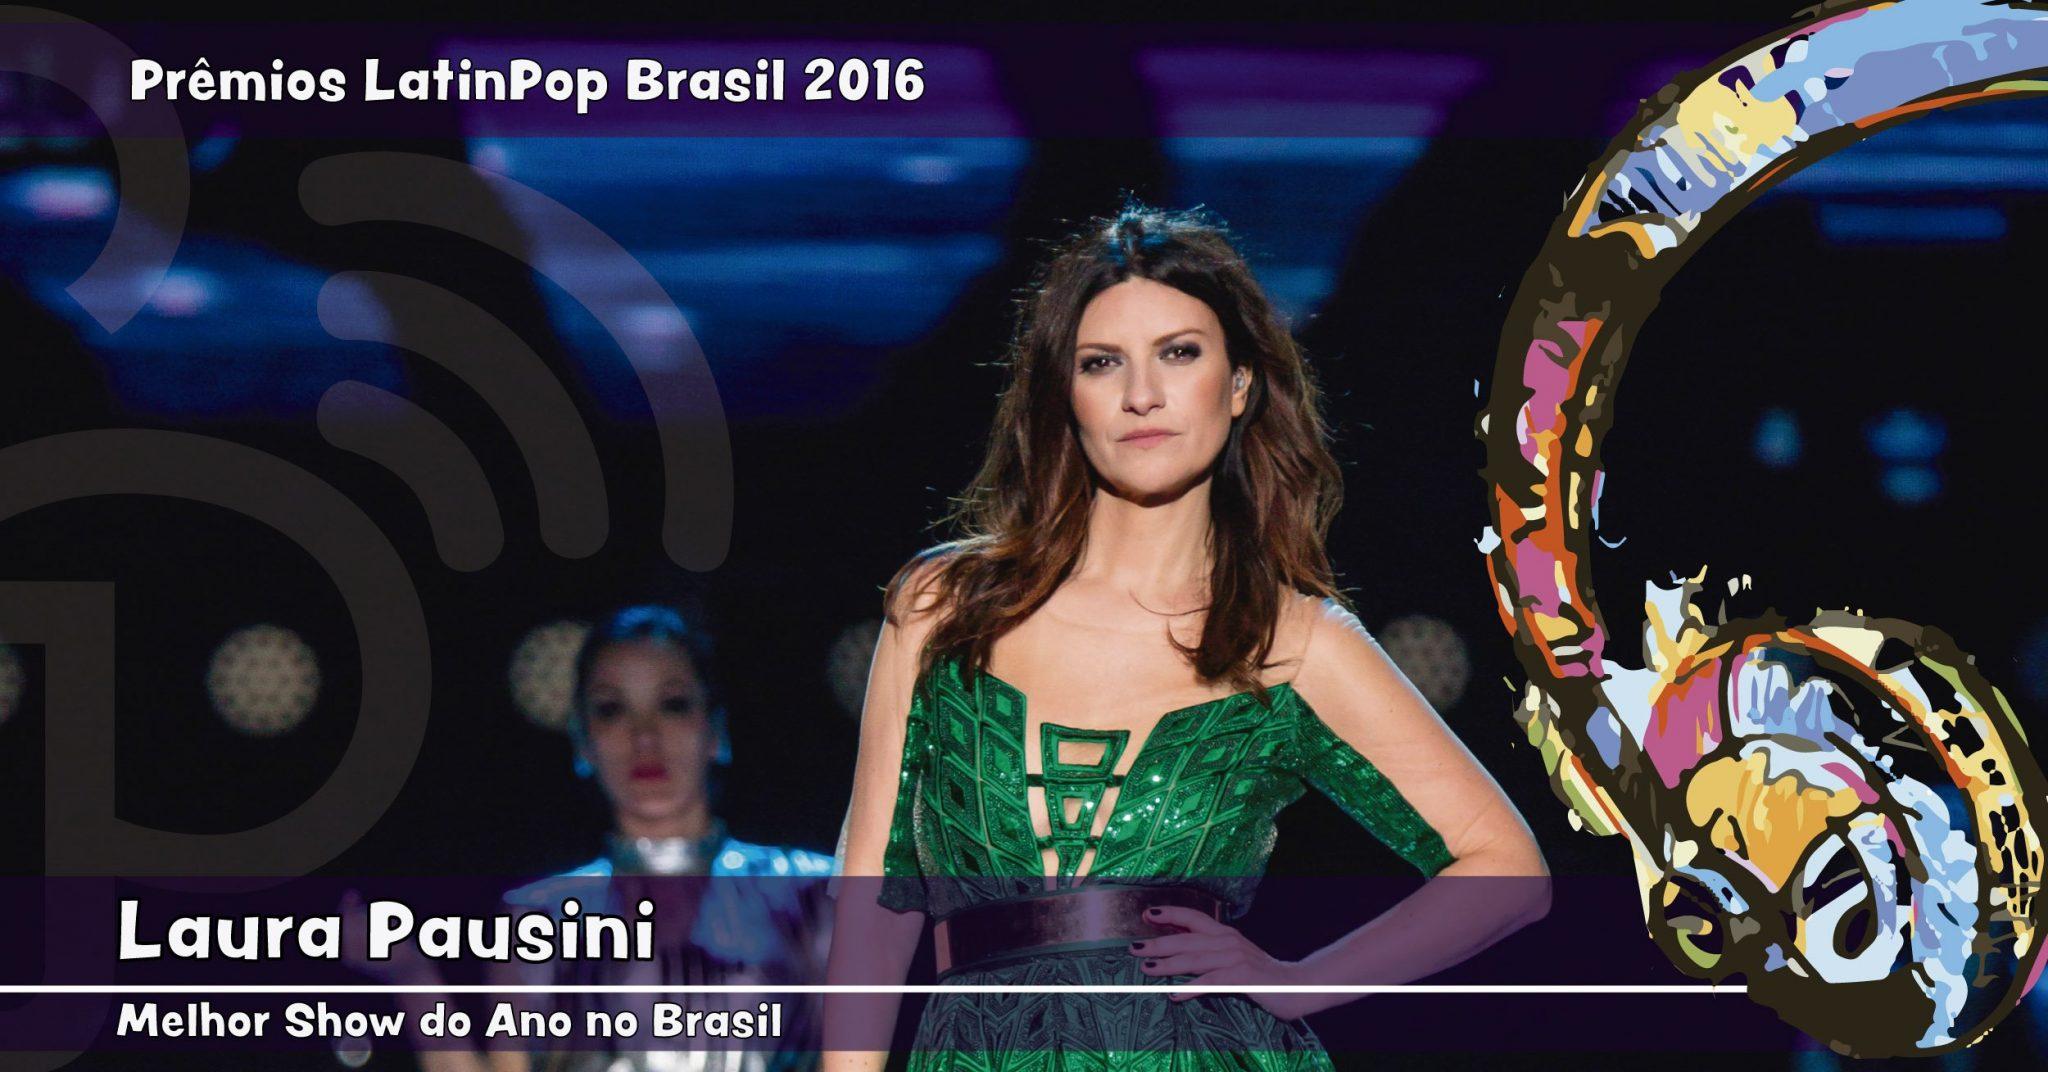 A Simili Tour, de Laura Pausini, leva o prêmio de Melhor Show no Brasil em 2016